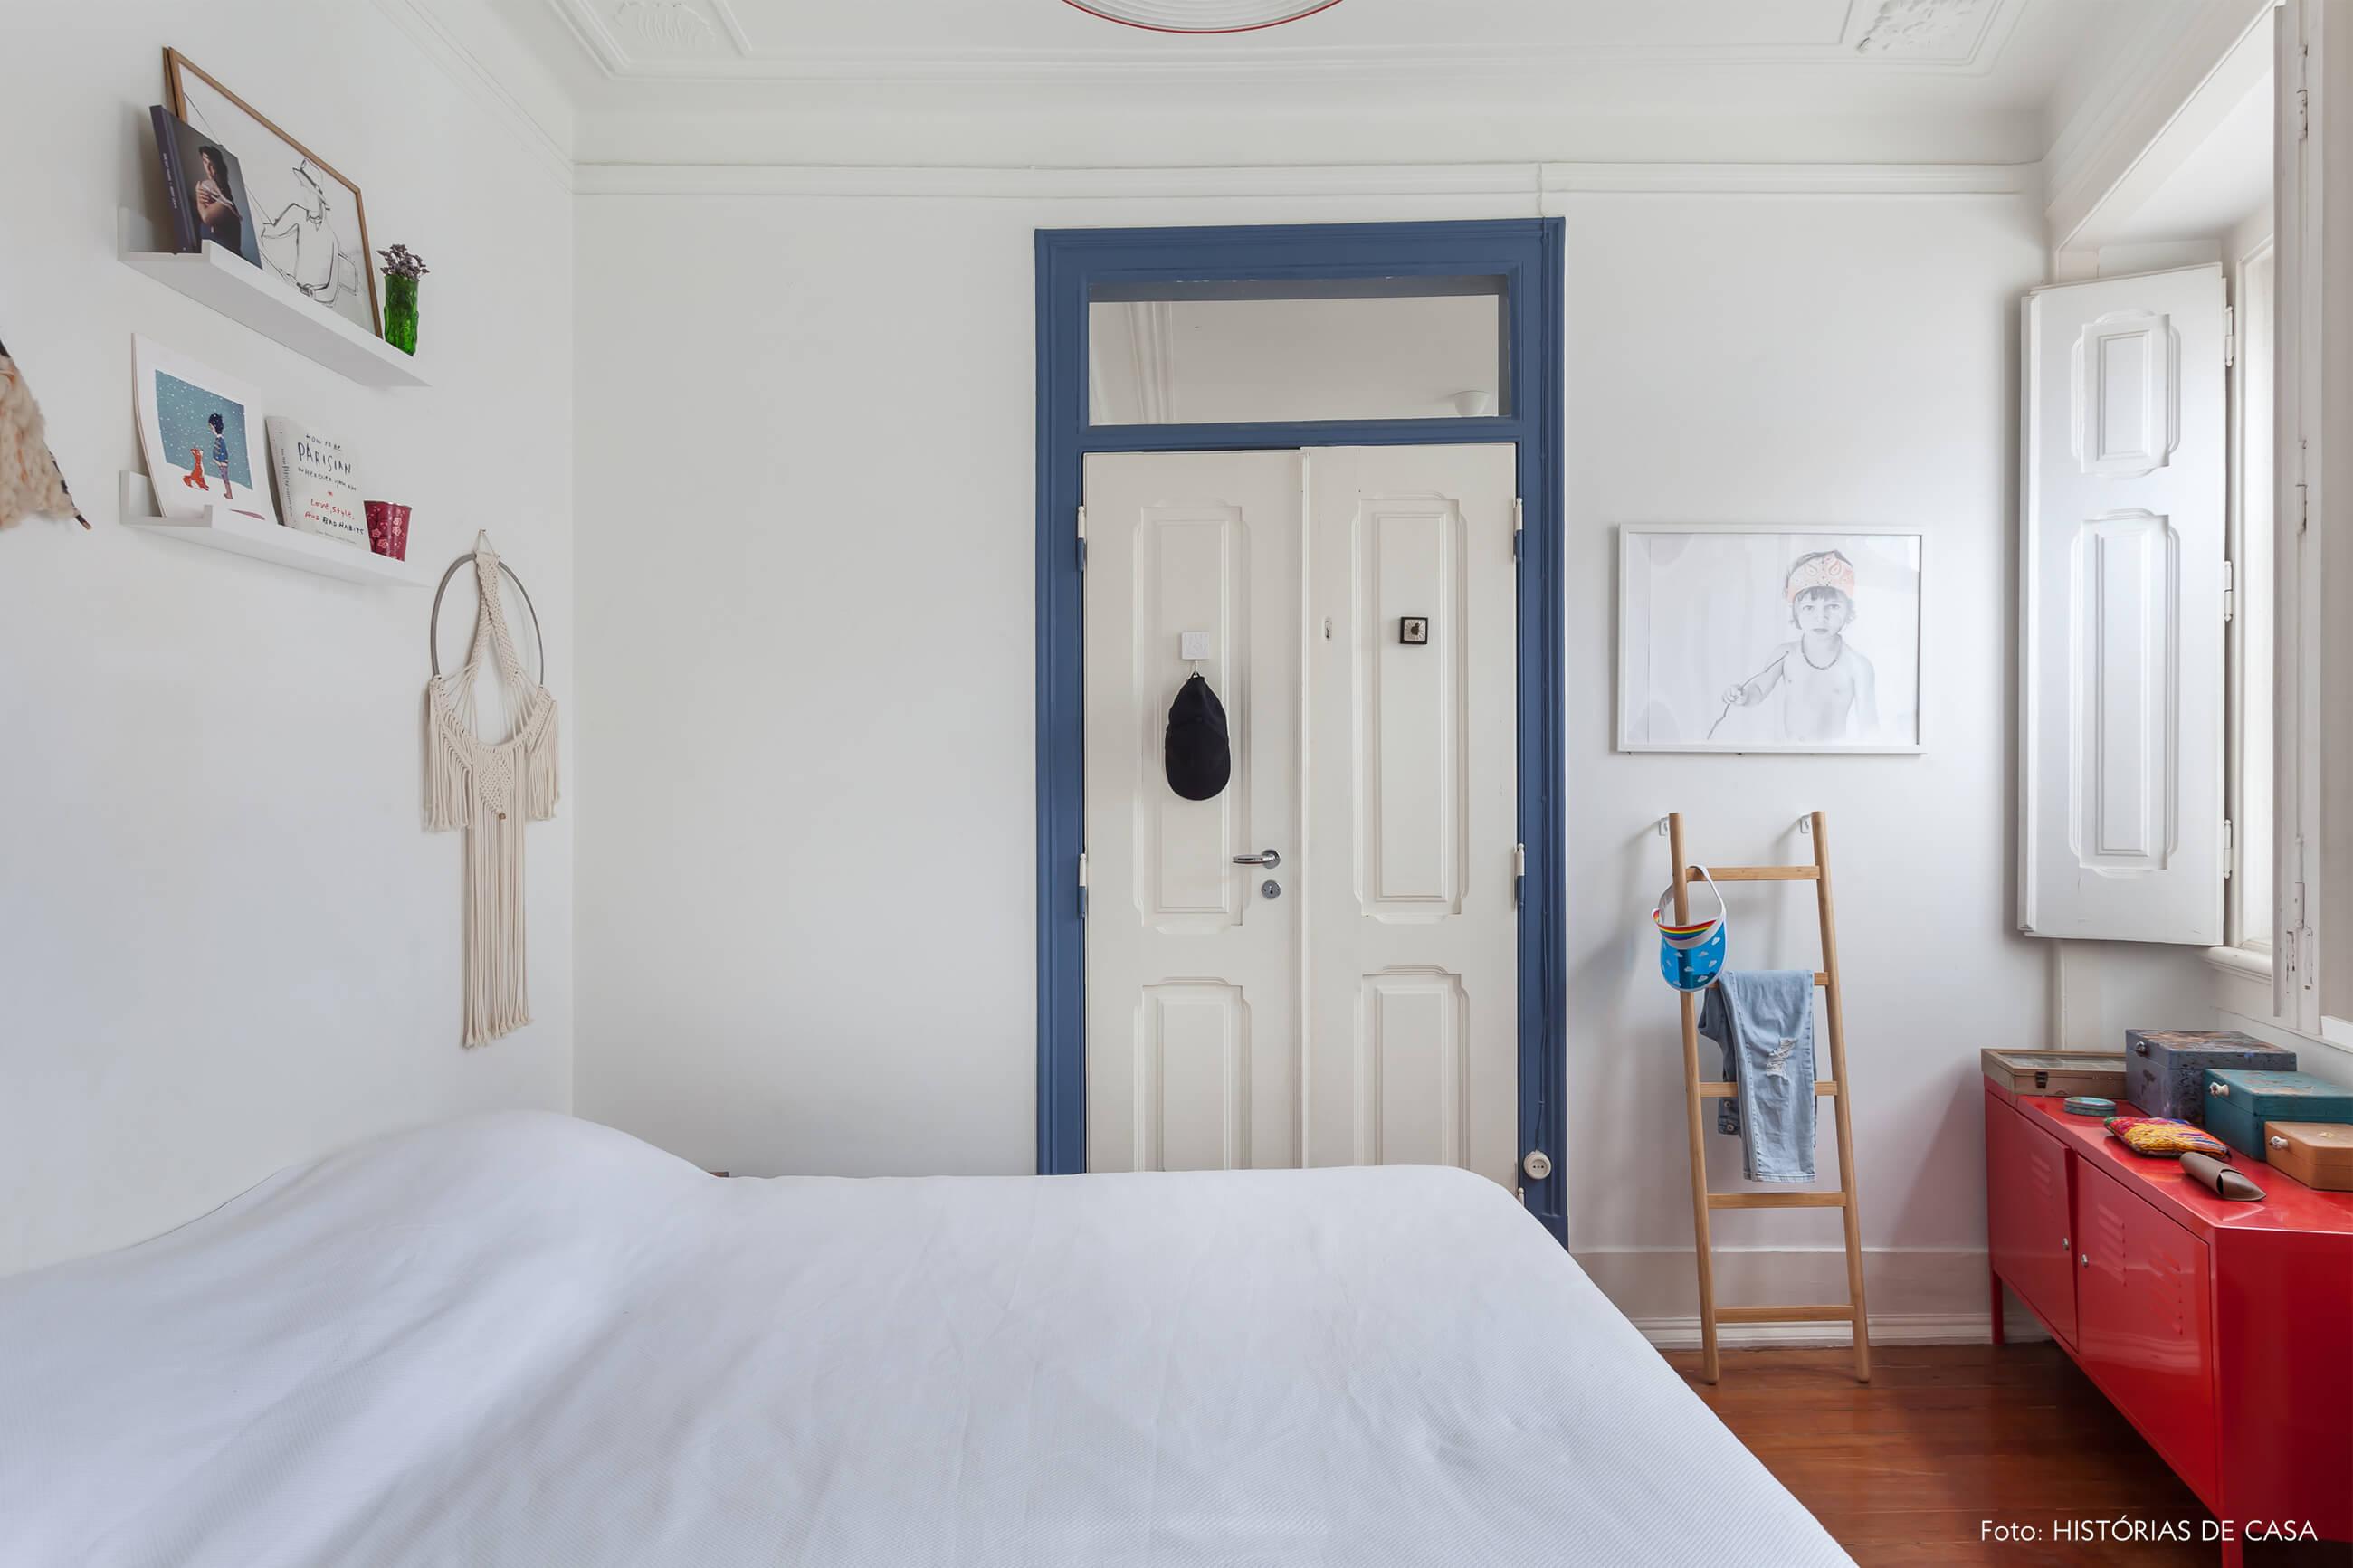 mariana-portugal-decoração-quarto-branco-com-estante-vermelha-e-detalhe-azul